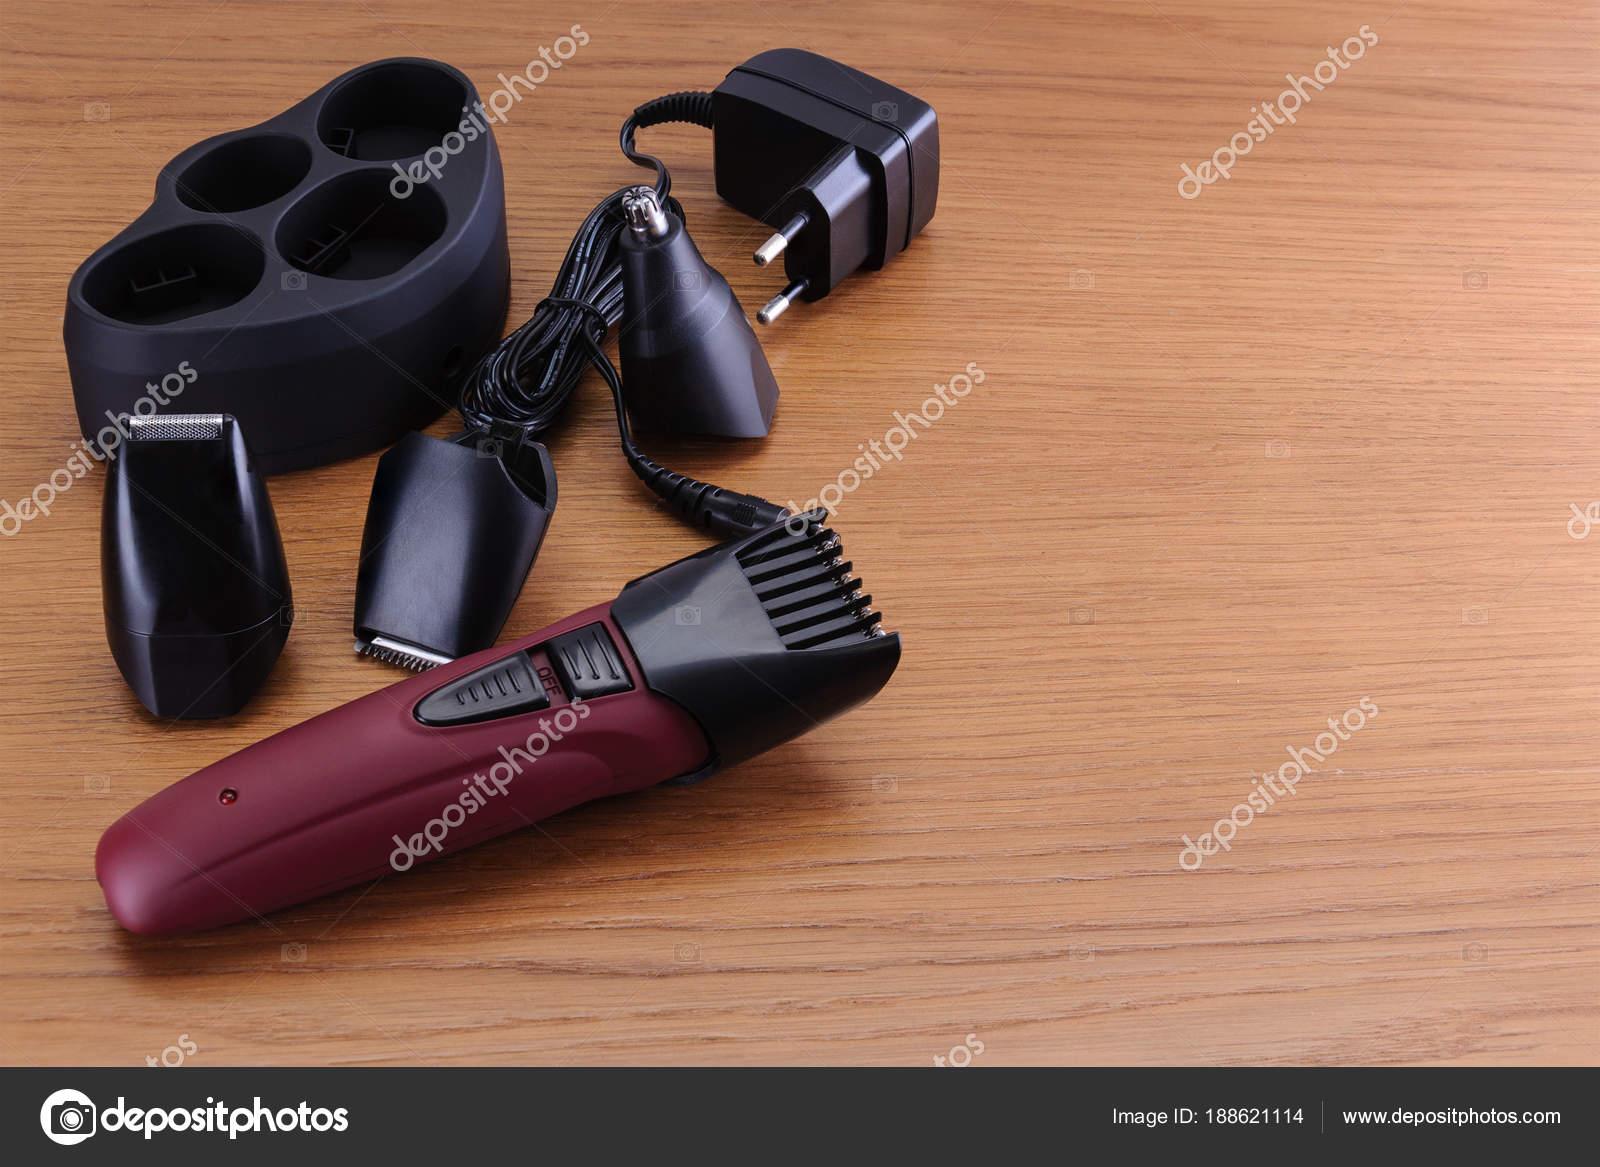 Ηλεκτρικά εργαλεία χειρός κουρευτική μηχανή με βάση και αξεσουάρ για τα  μαλλιά κομμωτήριο ή κουρείο κατάστημα στο ξύλο παρασκήνιο με αντίγραφο  χώρου ... a91a9d5f7c6